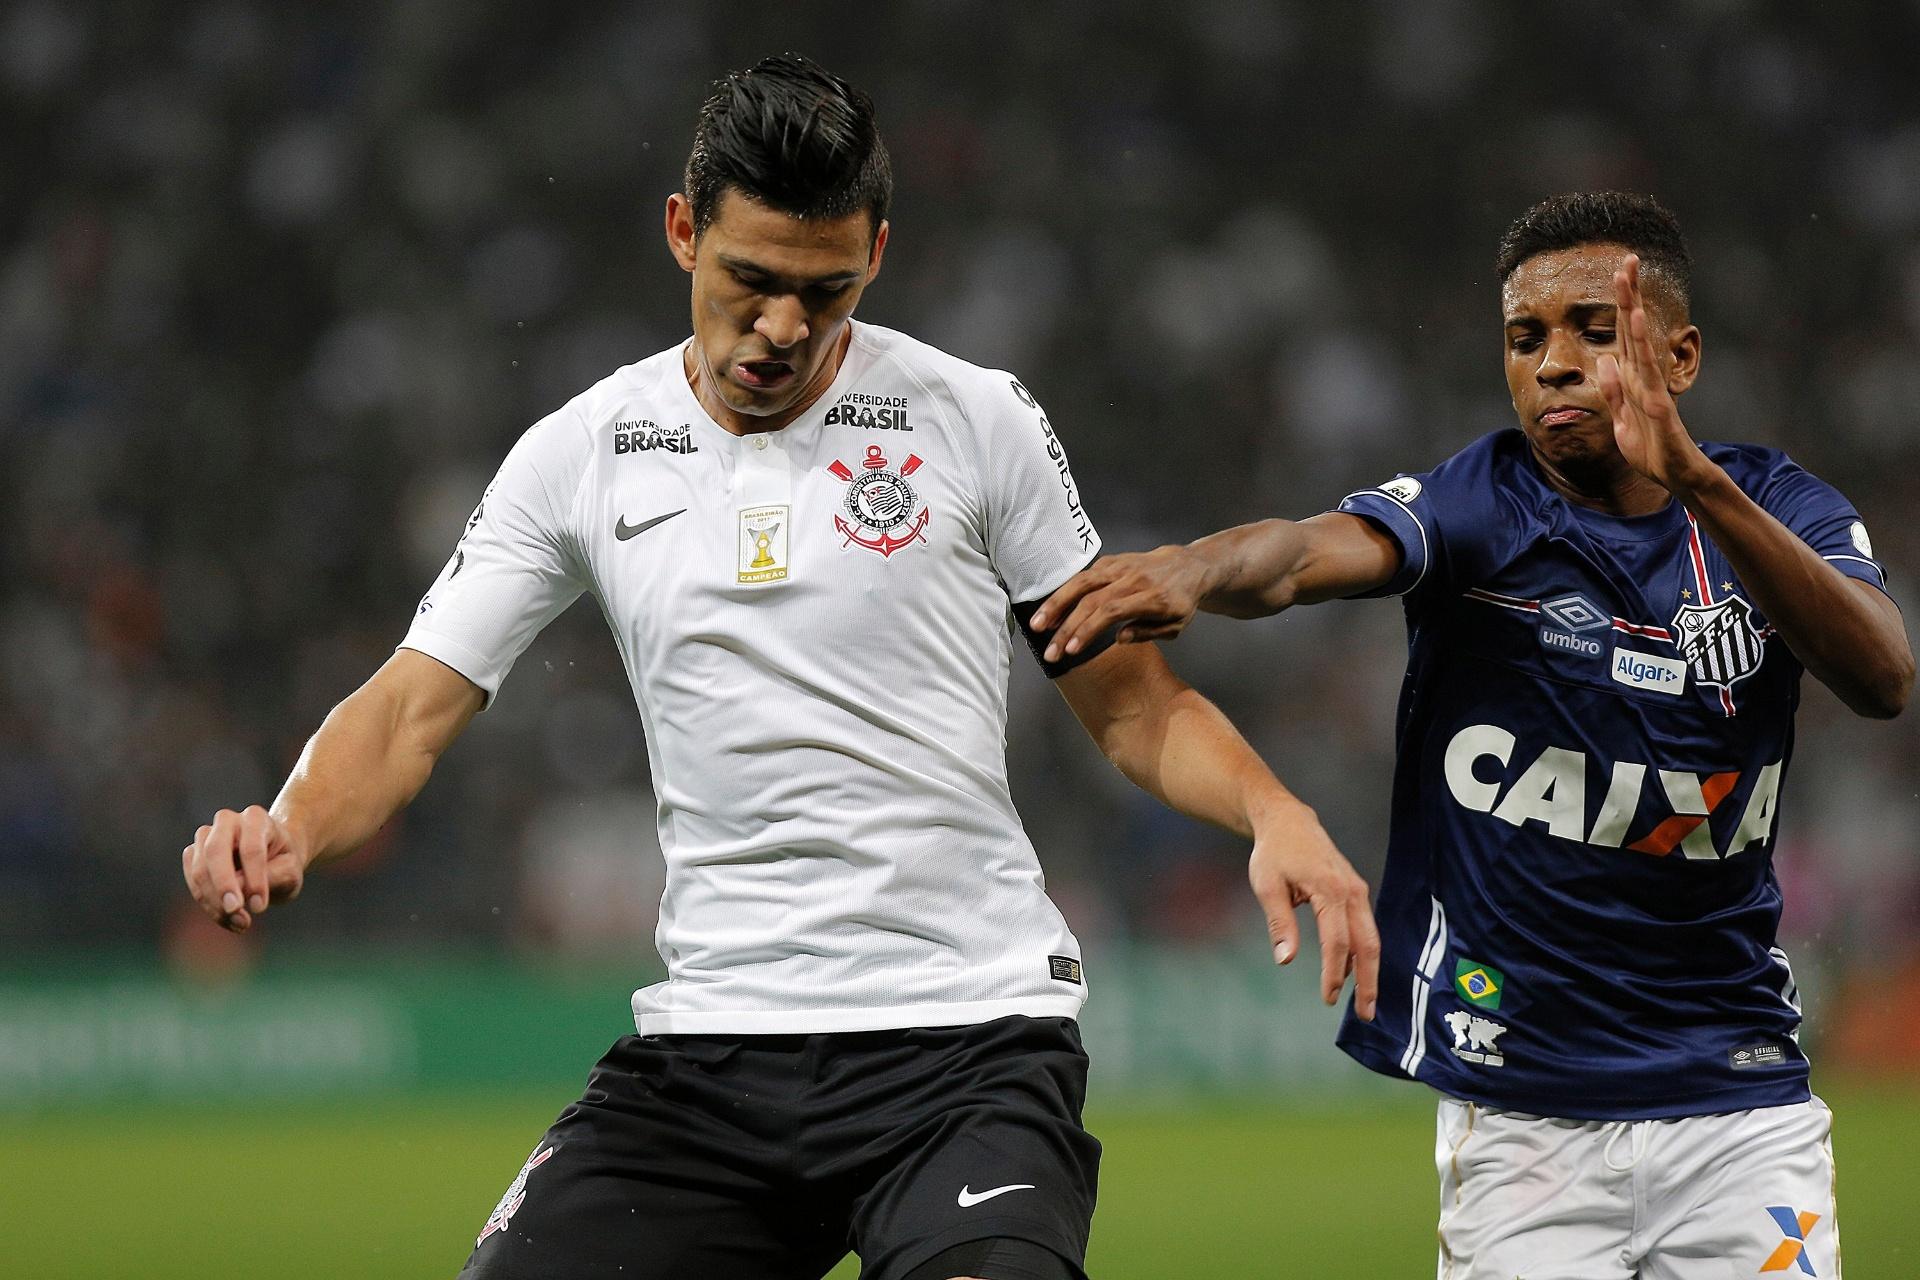 d002f00c04e Corinthians e Santos empatam na Arena com brilho de Rodrygo e gol de Roger  - 06 06 2018 - UOL Esporte